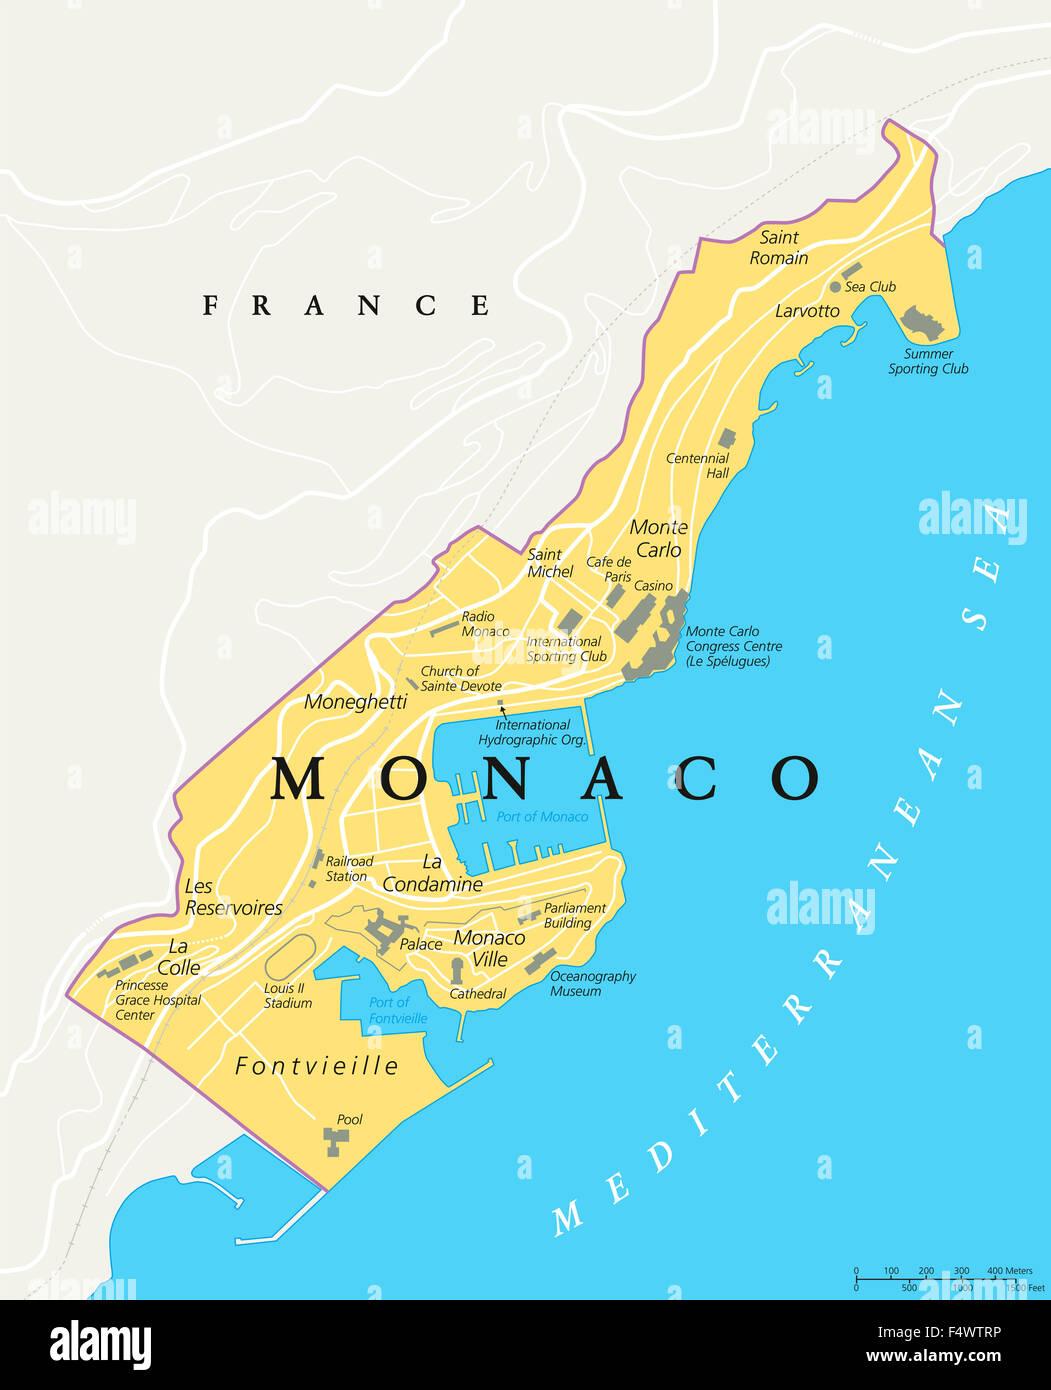 Monte Carlo Casino Europe